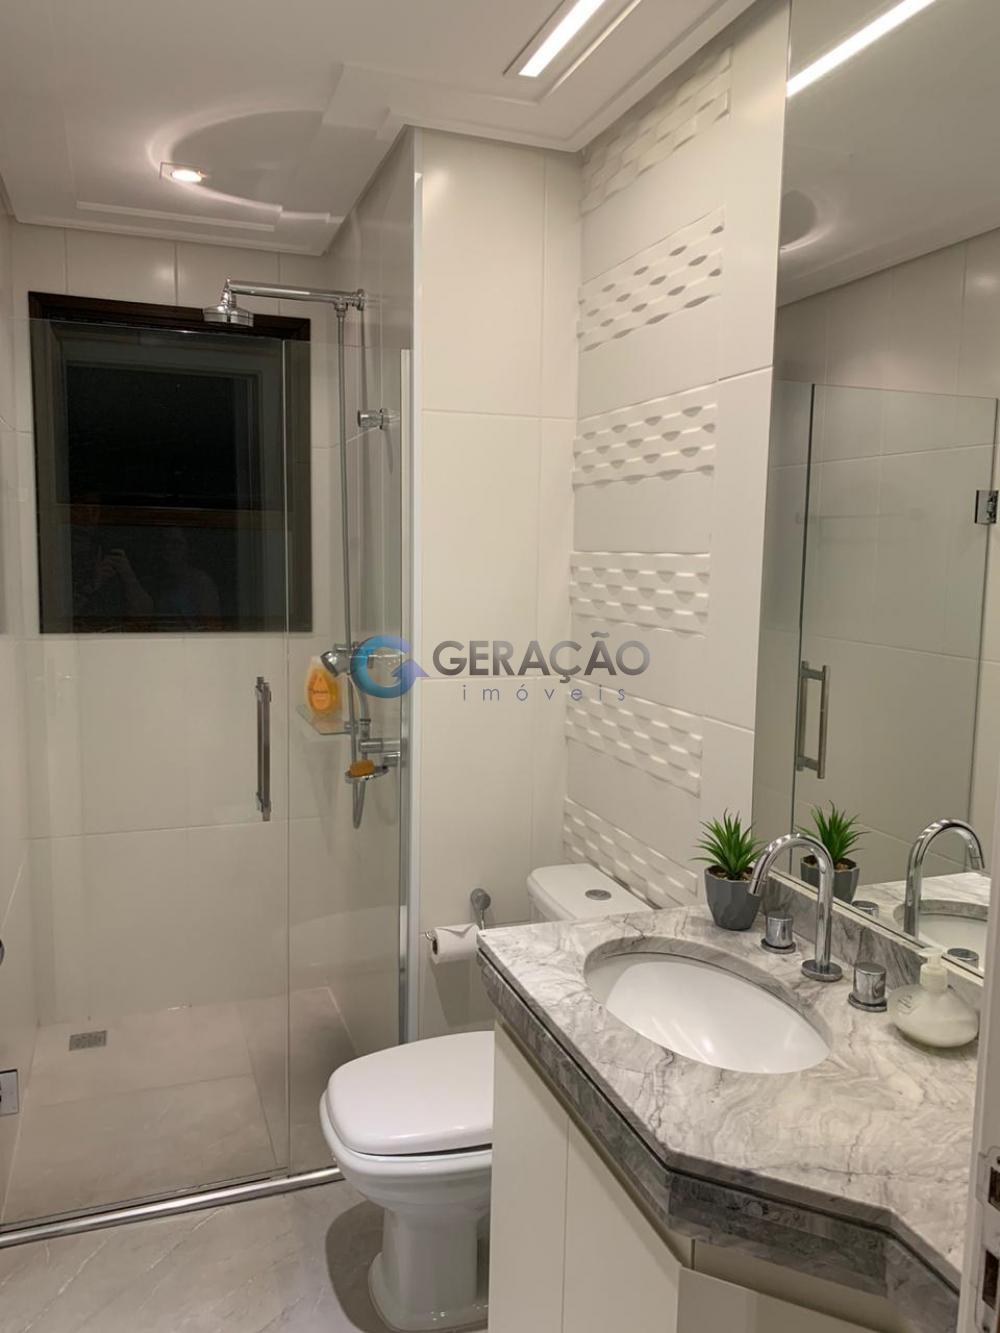 Comprar Apartamento / Padrão em São José dos Campos apenas R$ 950.000,00 - Foto 14